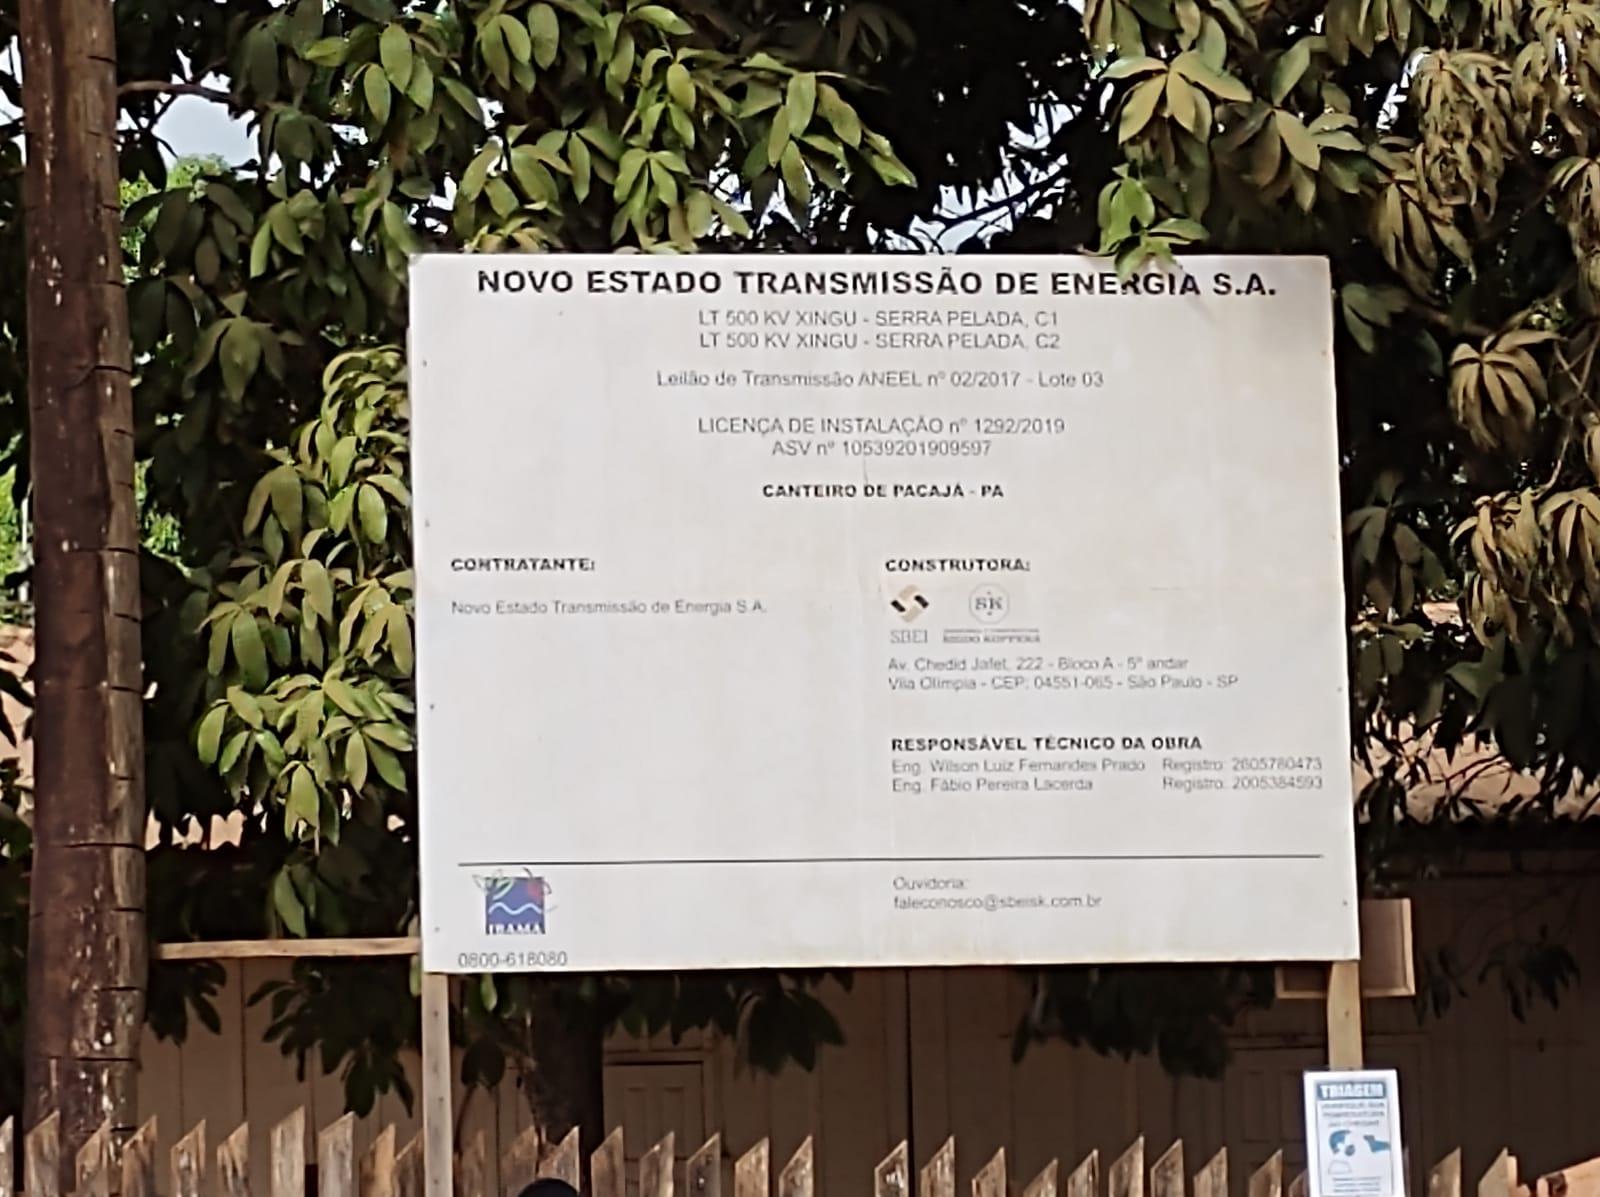 Placa do empreendimento de construção das linhas de transmissão, em Pacajá, no Pará.